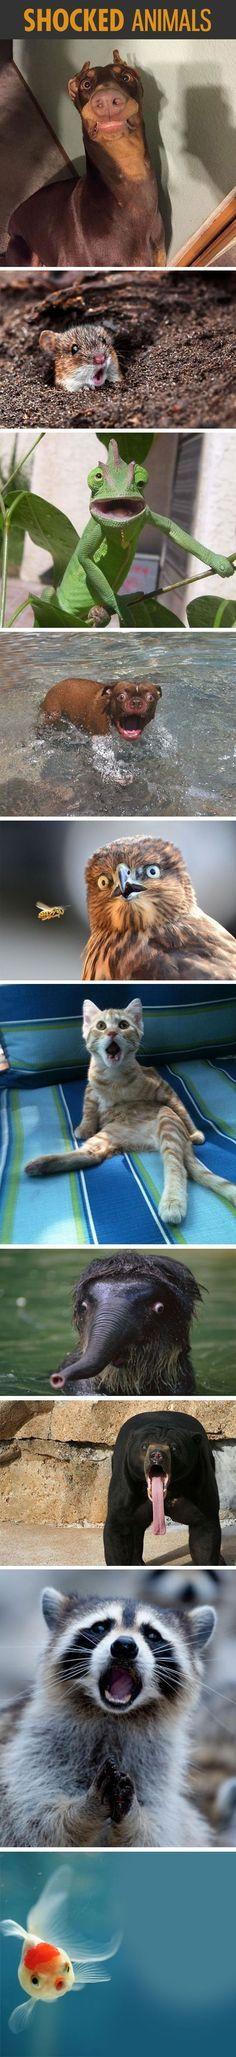 Hilarious shocked animals www.bestfunnyjokes4u.com/